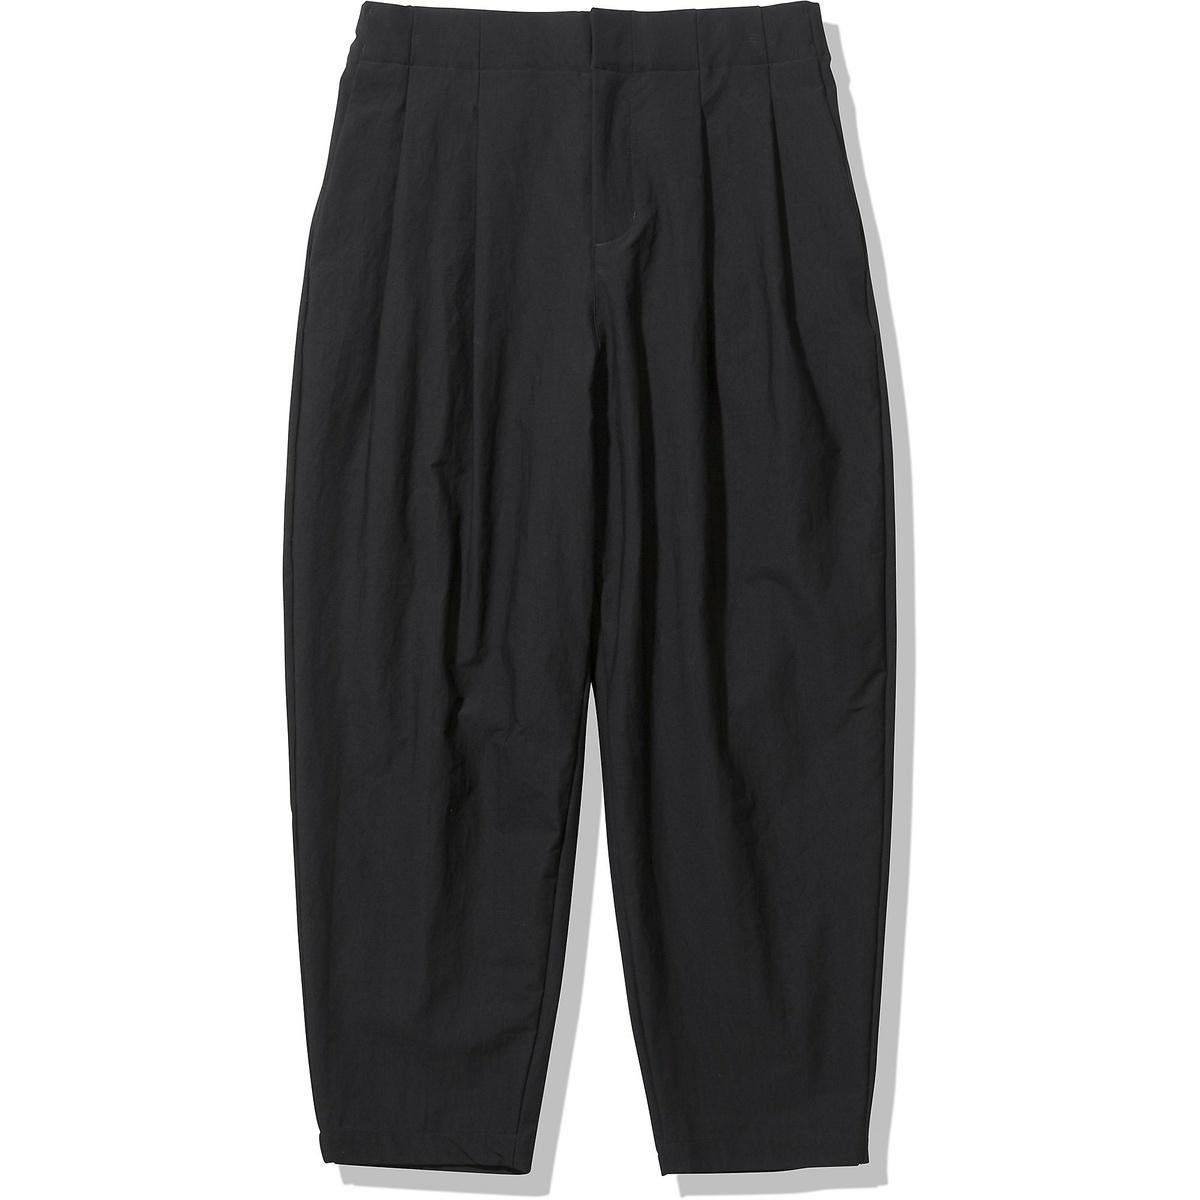 <title>ヘリーハンセン マーケティング トレッキング アウトドア ロングパンツ ウェア メンズ Stolen Two Tack Pants ストーレンツータックパンツ HELLY HANSEN K HOE22123</title>